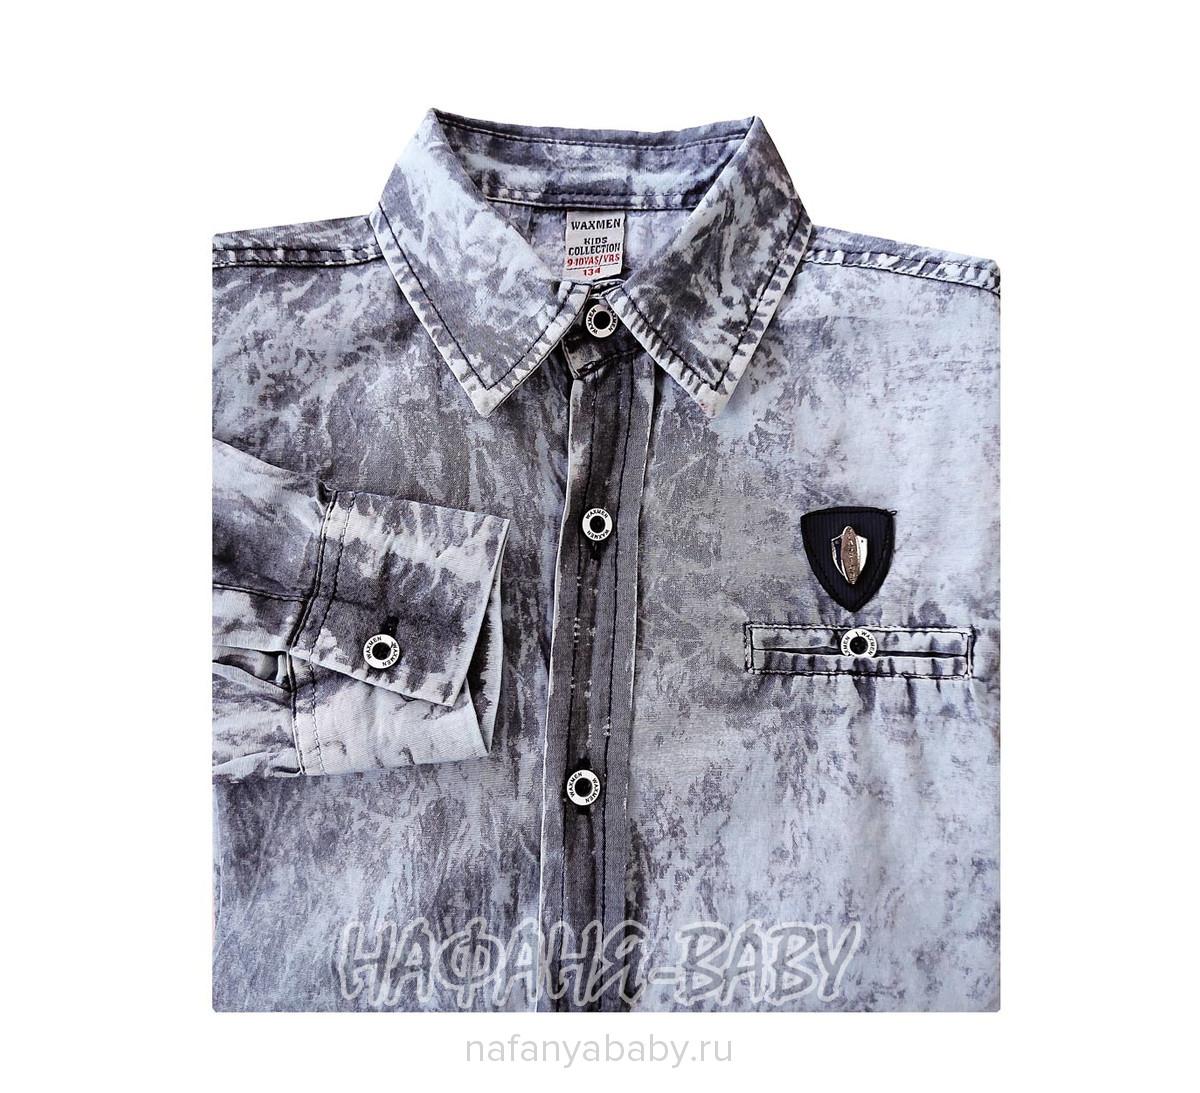 Рубашка с длинным рукавом WAXMEN арт: 5099-1, 10-15 лет, цвет темно-серый, оптом Турция